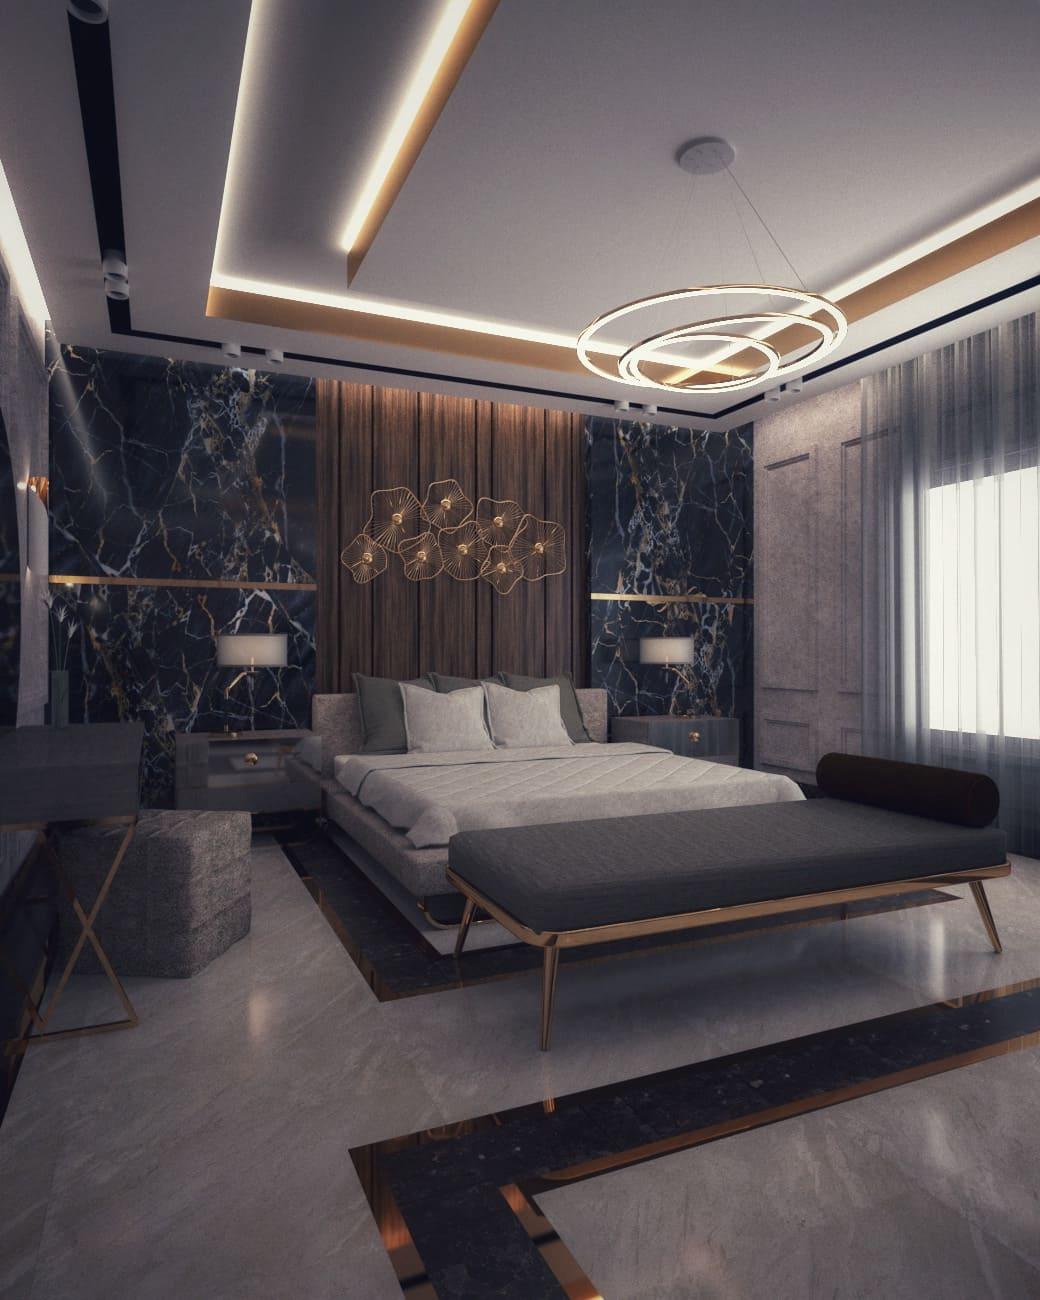 красивый дизайн потолка фото 66